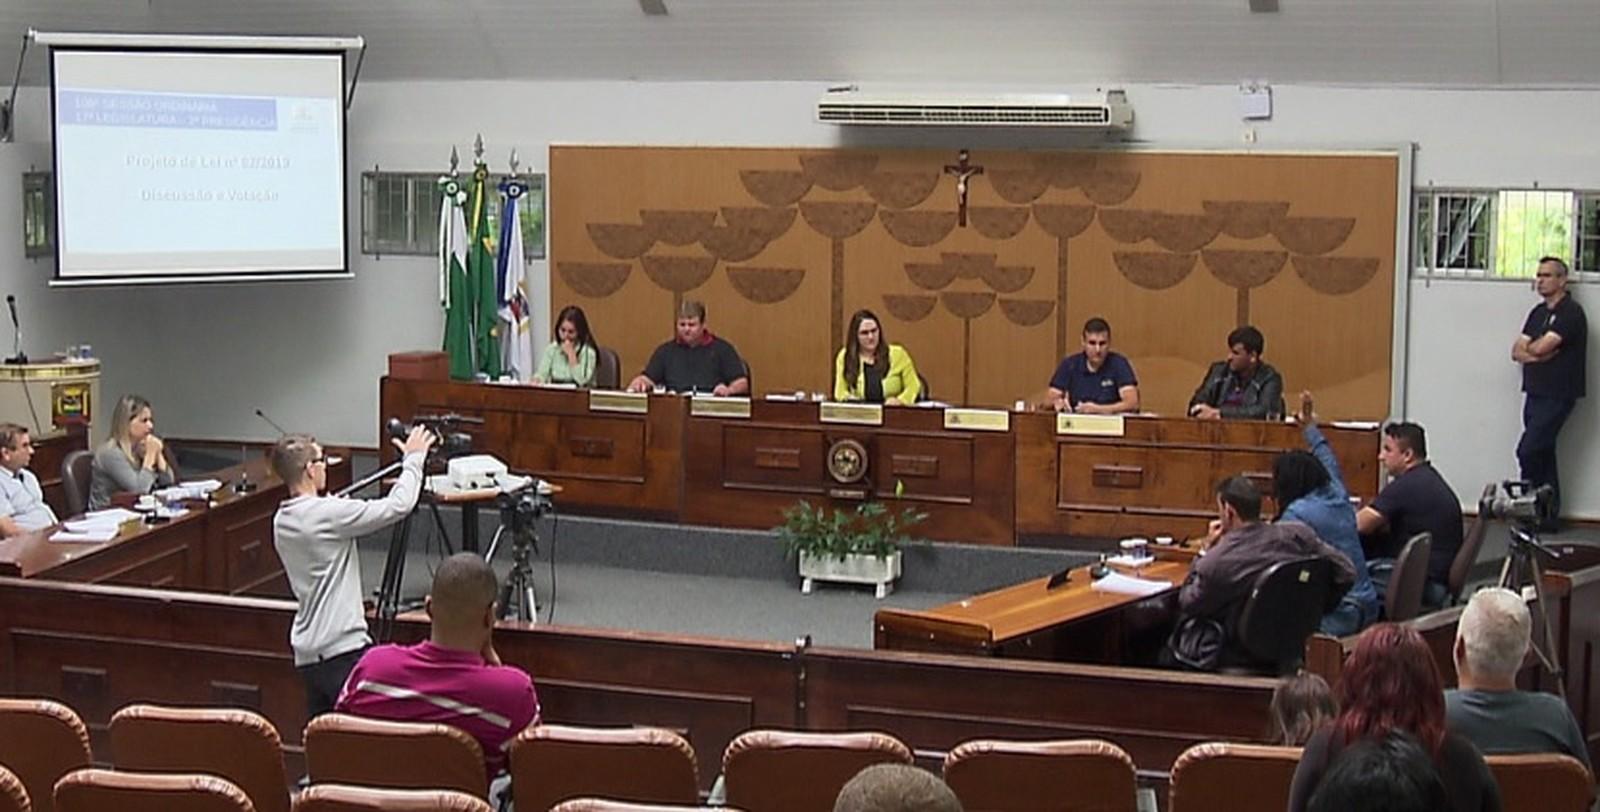 Câmara Municipal de Araucária aprova aumento Salarial de R$ 5.992 para   R$ 9.584,45 aumento de 60% nos salários dos vereadores